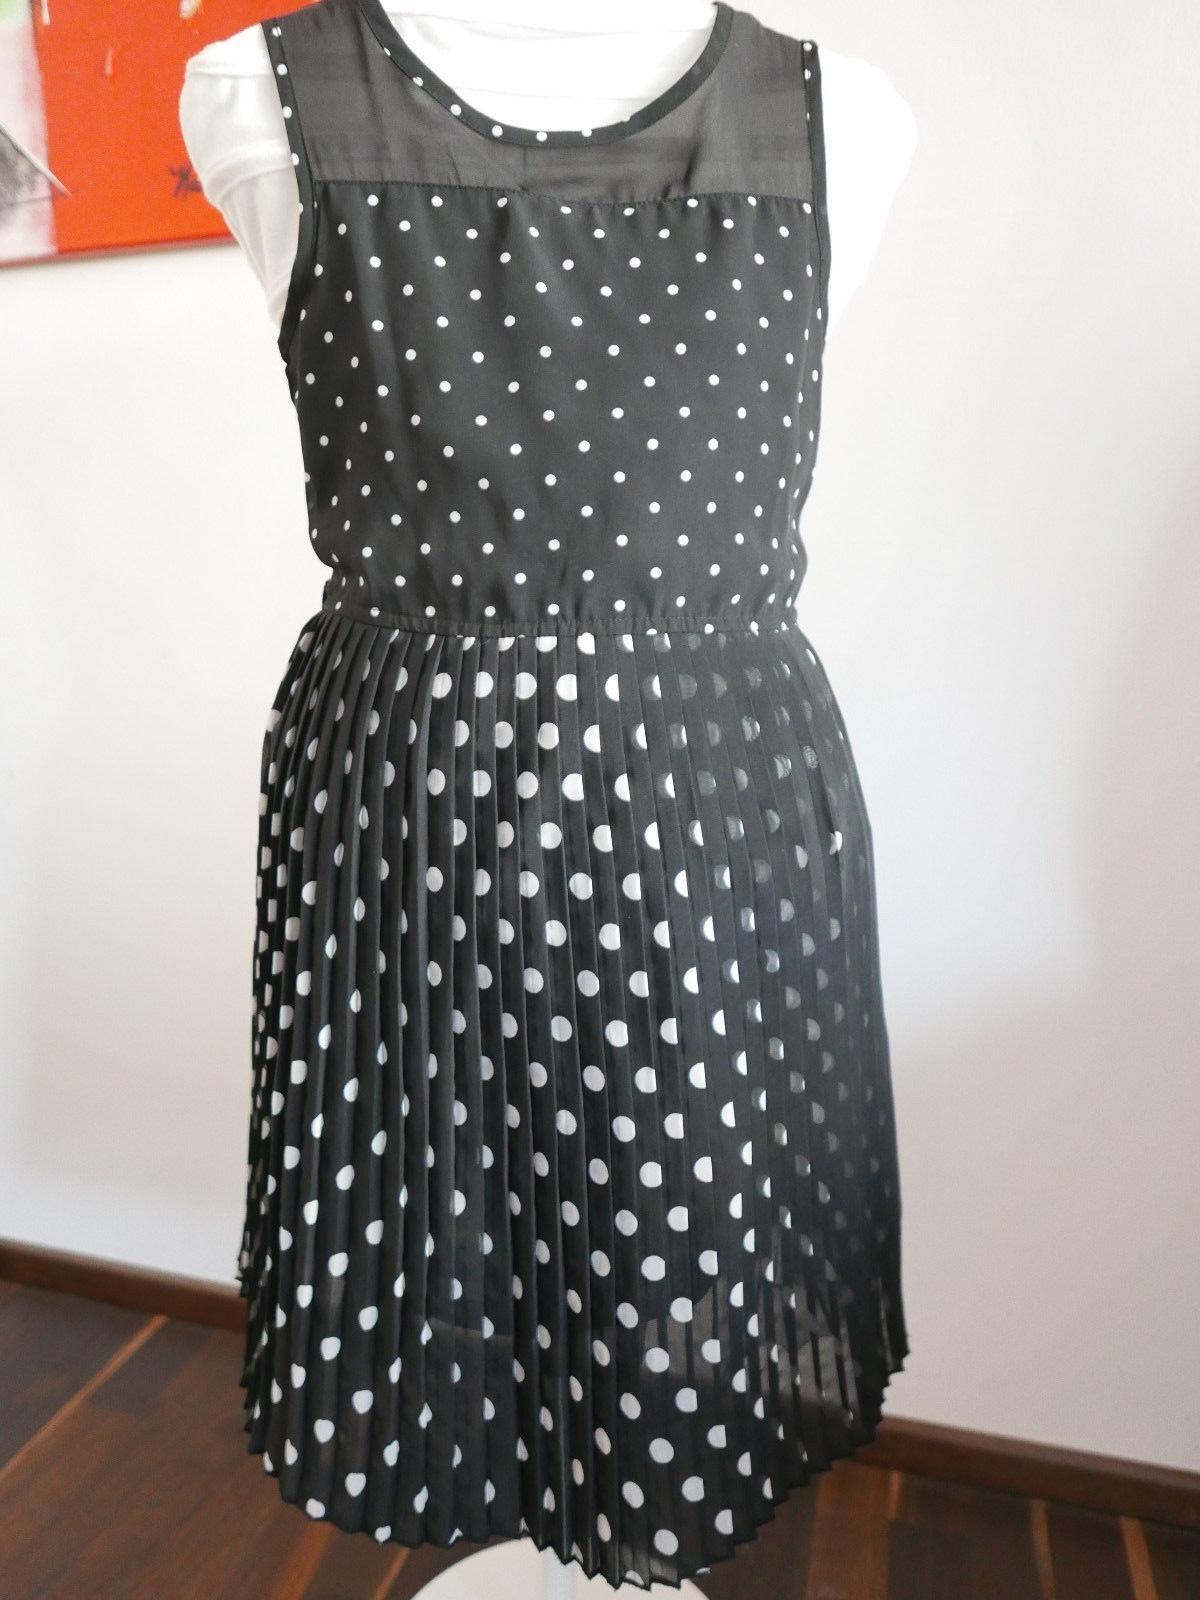 Formal Leicht Schwarzes Kleid Größe 50 Vertrieb13 Top Schwarzes Kleid Größe 50 für 2019